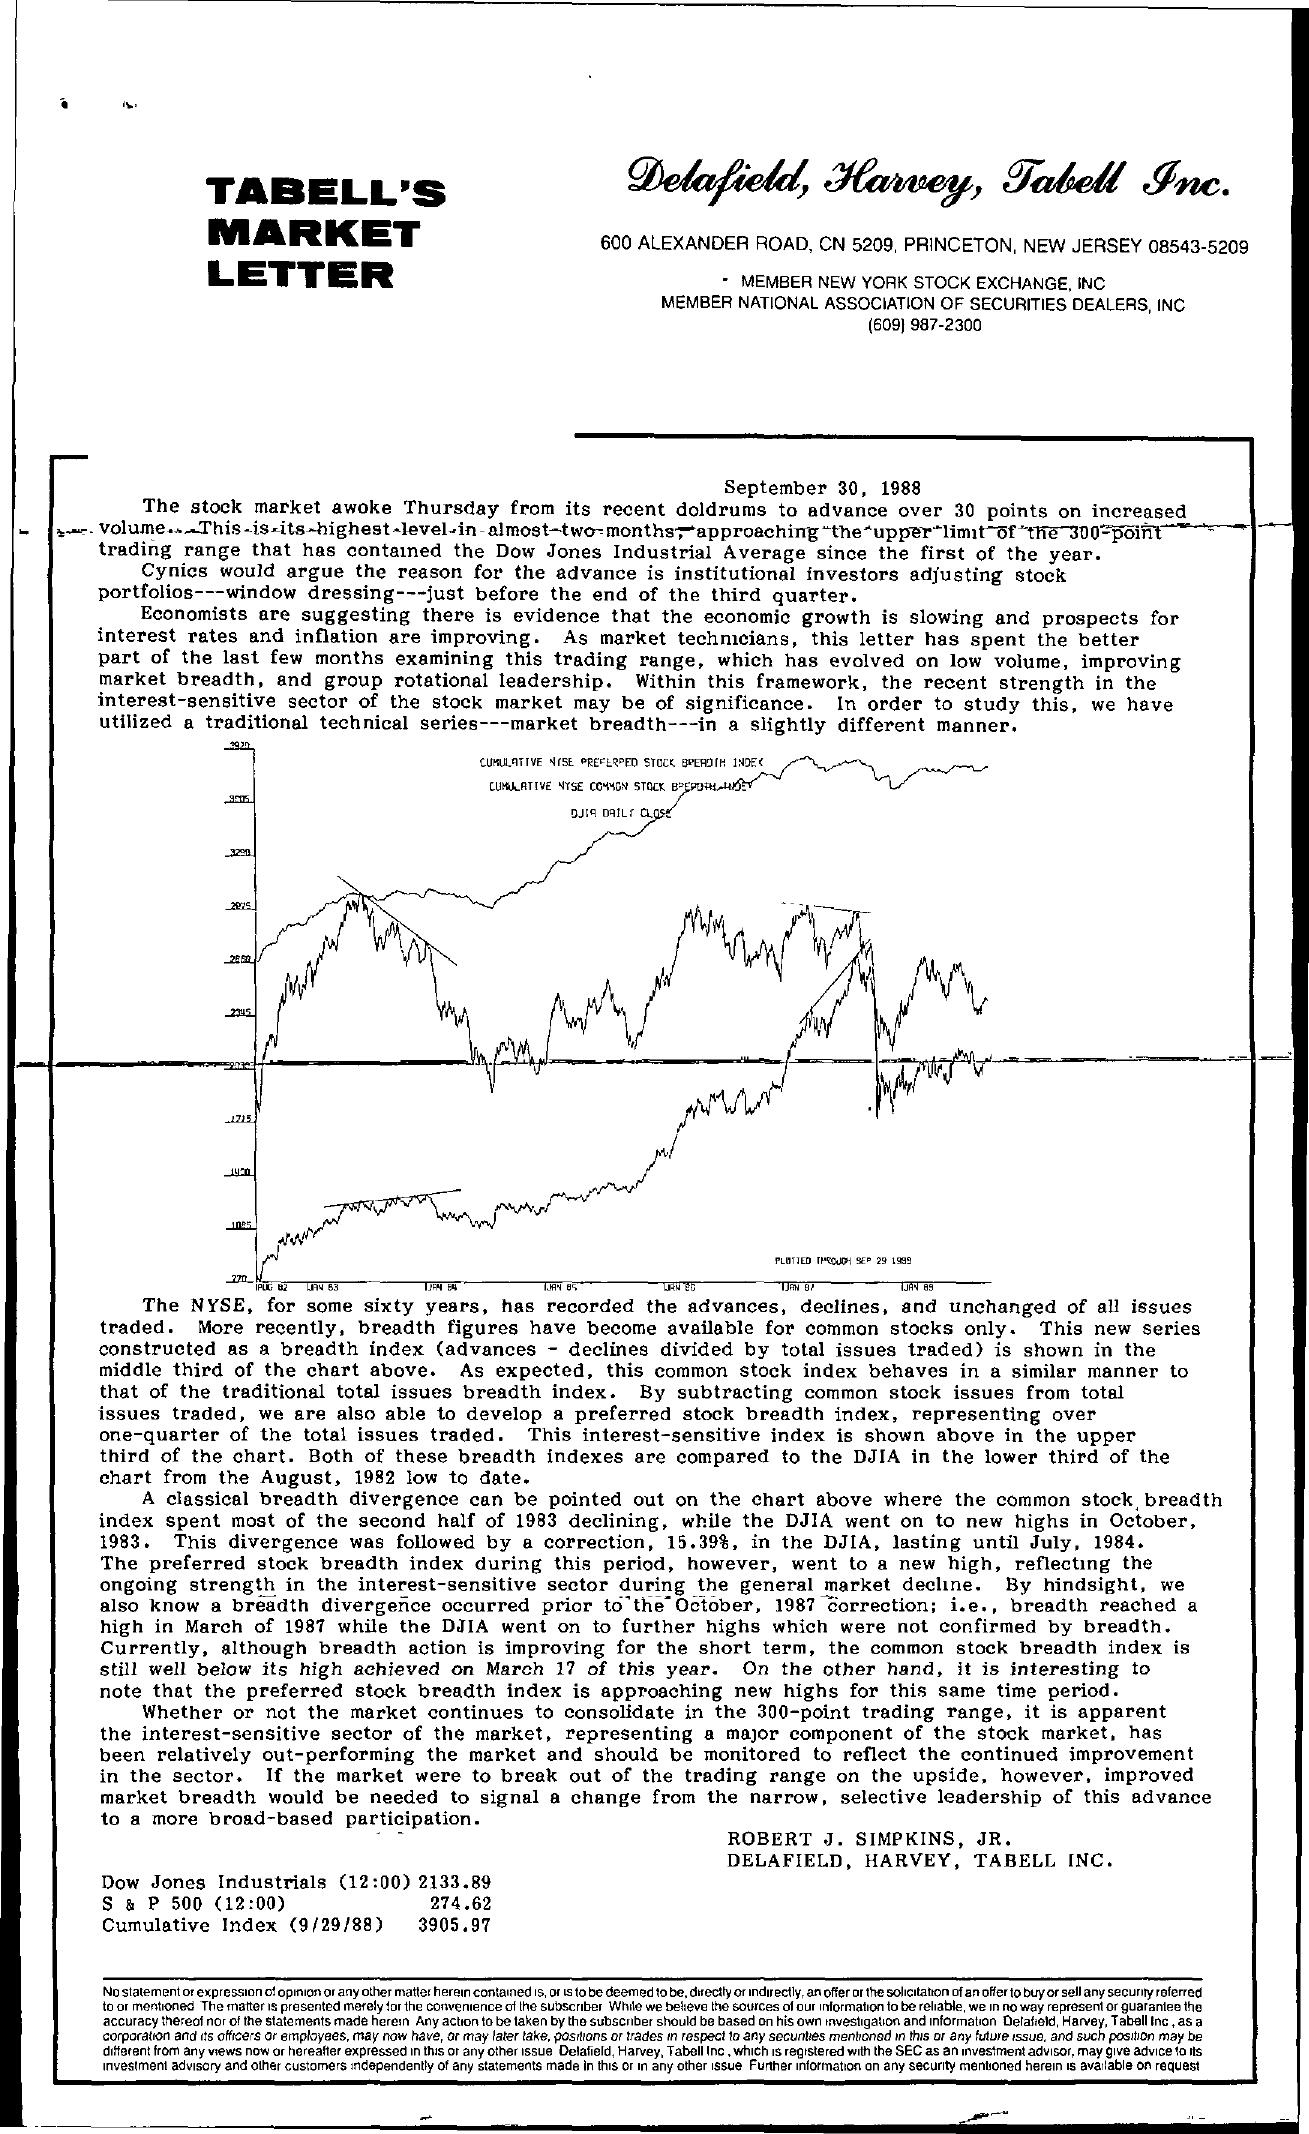 Tabell's Market Letter - September 30, 1988